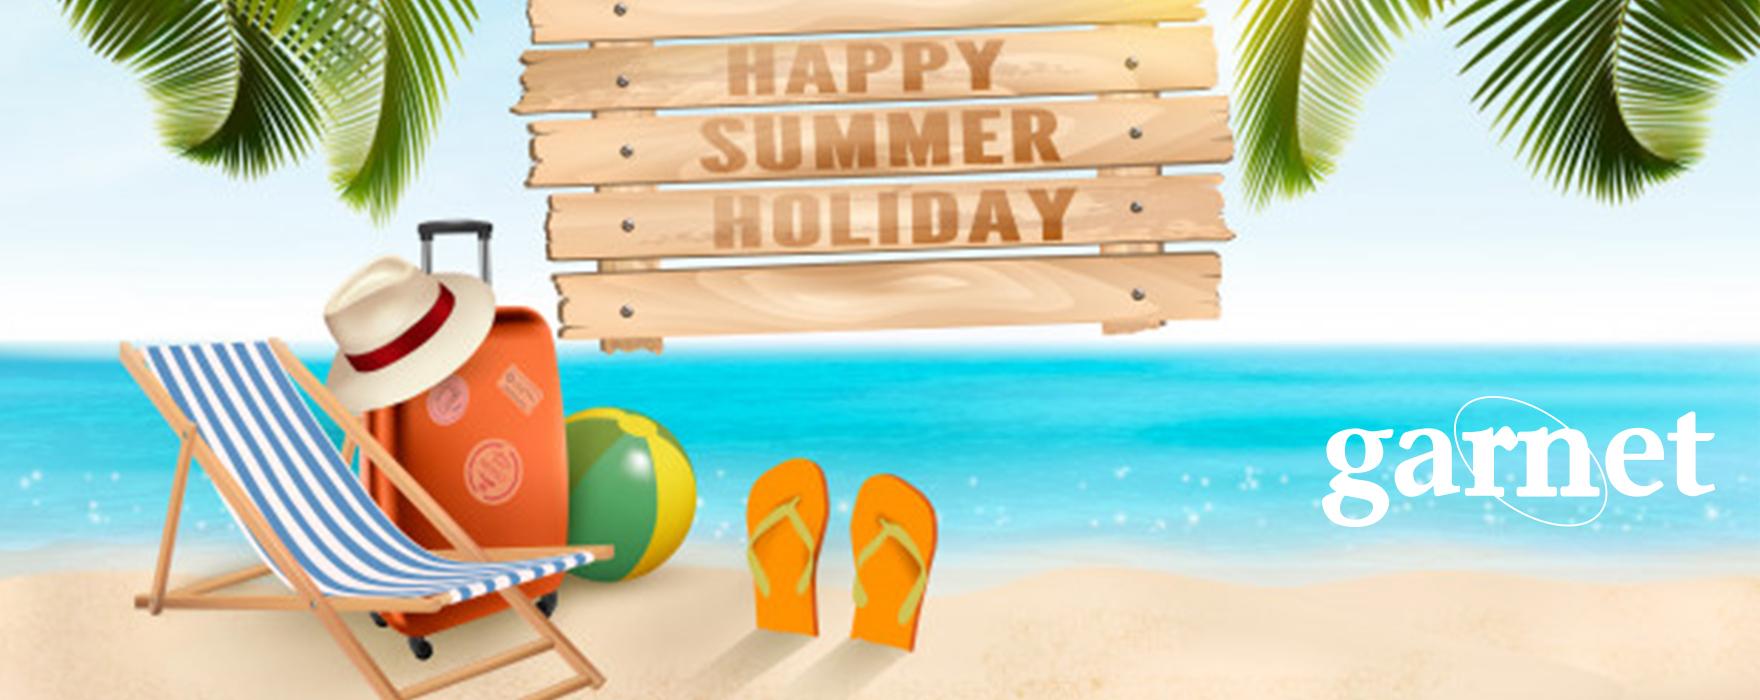 buone vacanze da Garnet